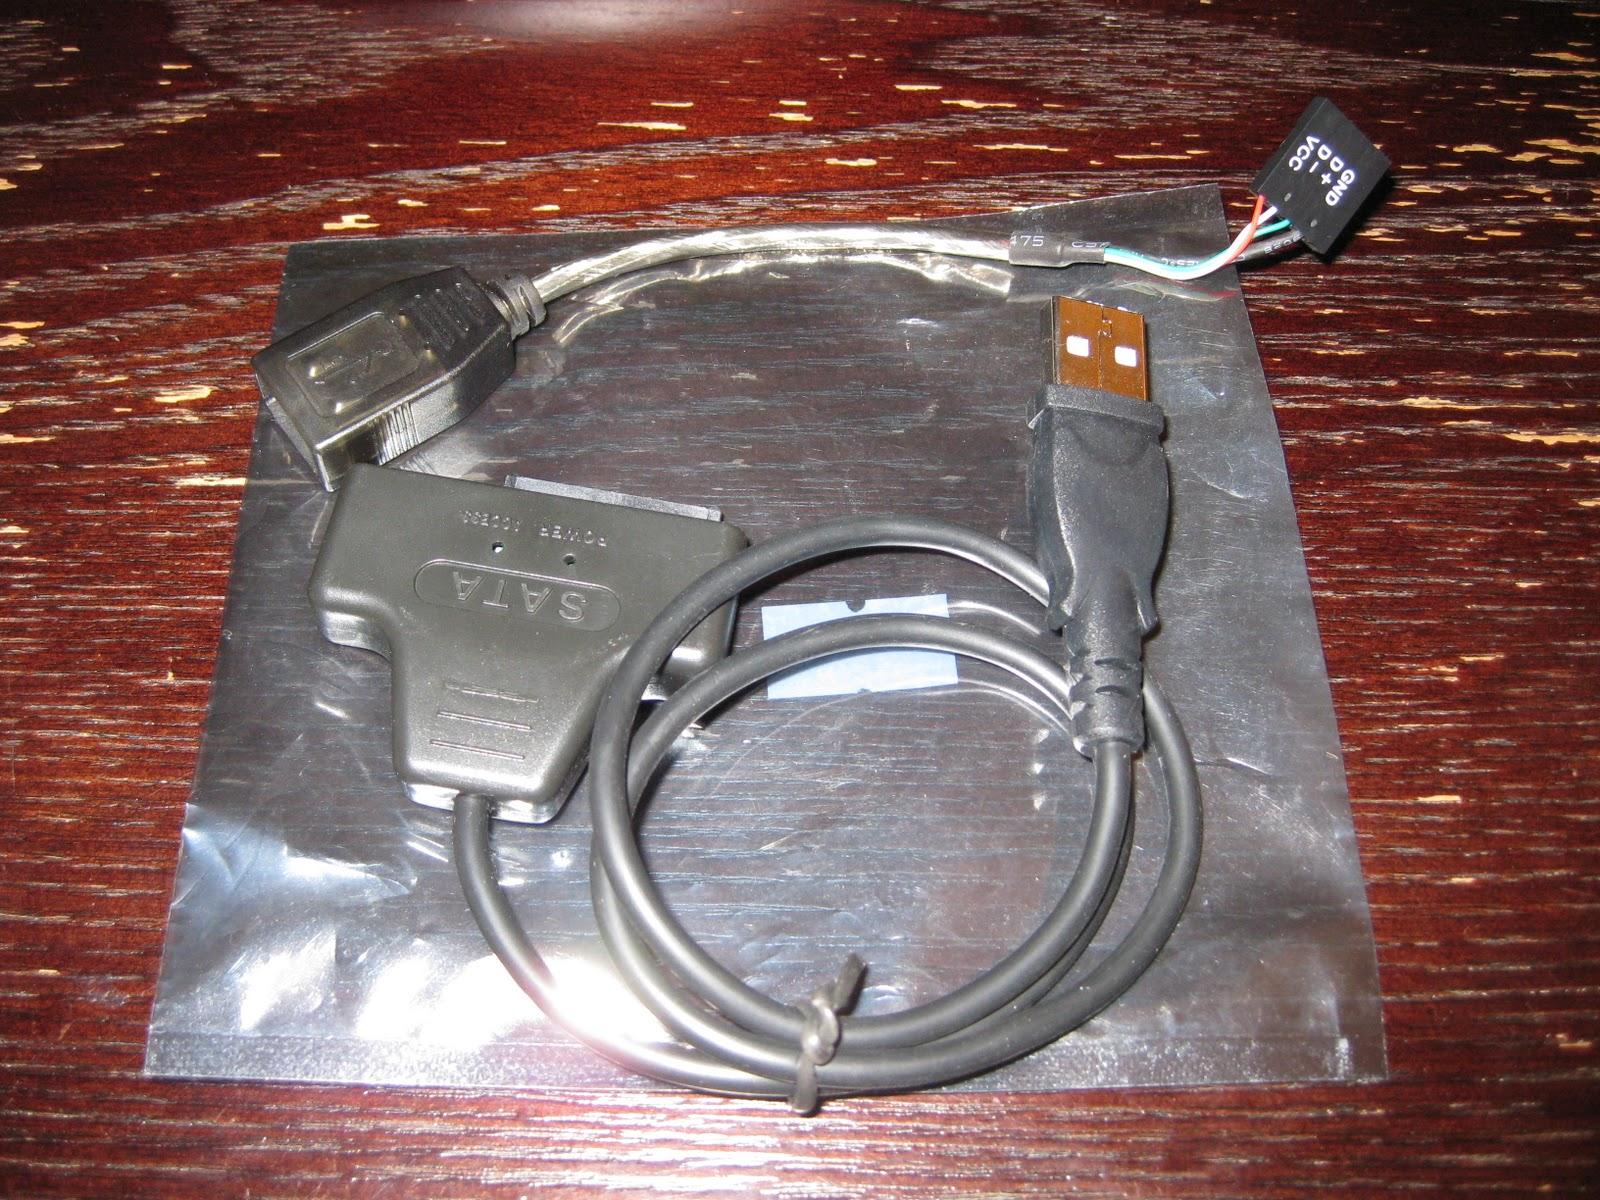 Dell Optiplex 760 SFF Upgrade Project: Optical drive arrangement